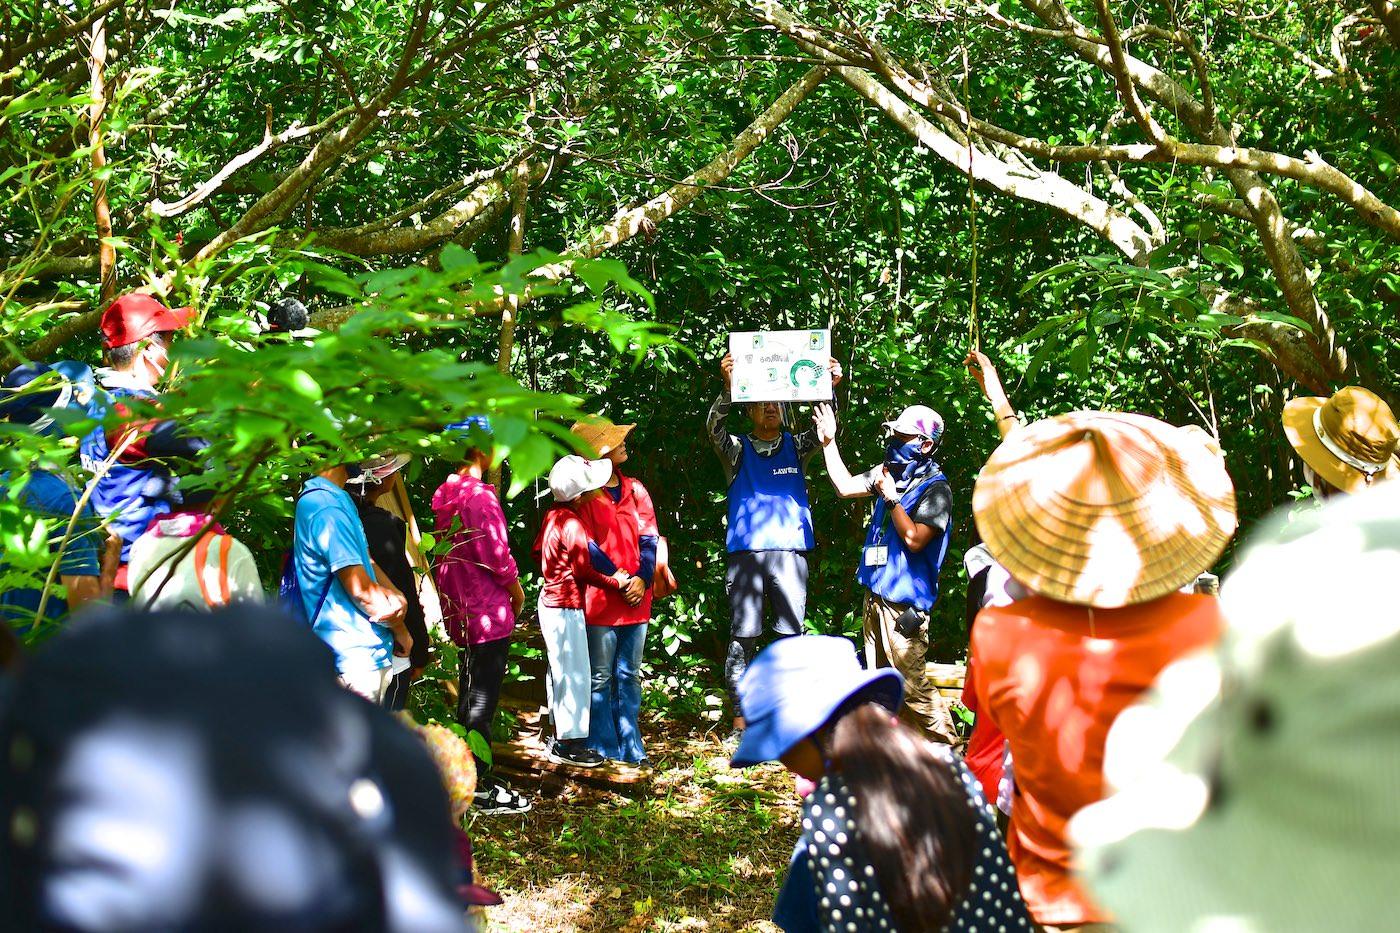 樹木環境ネットワーク協会とローソンの植樹の解説